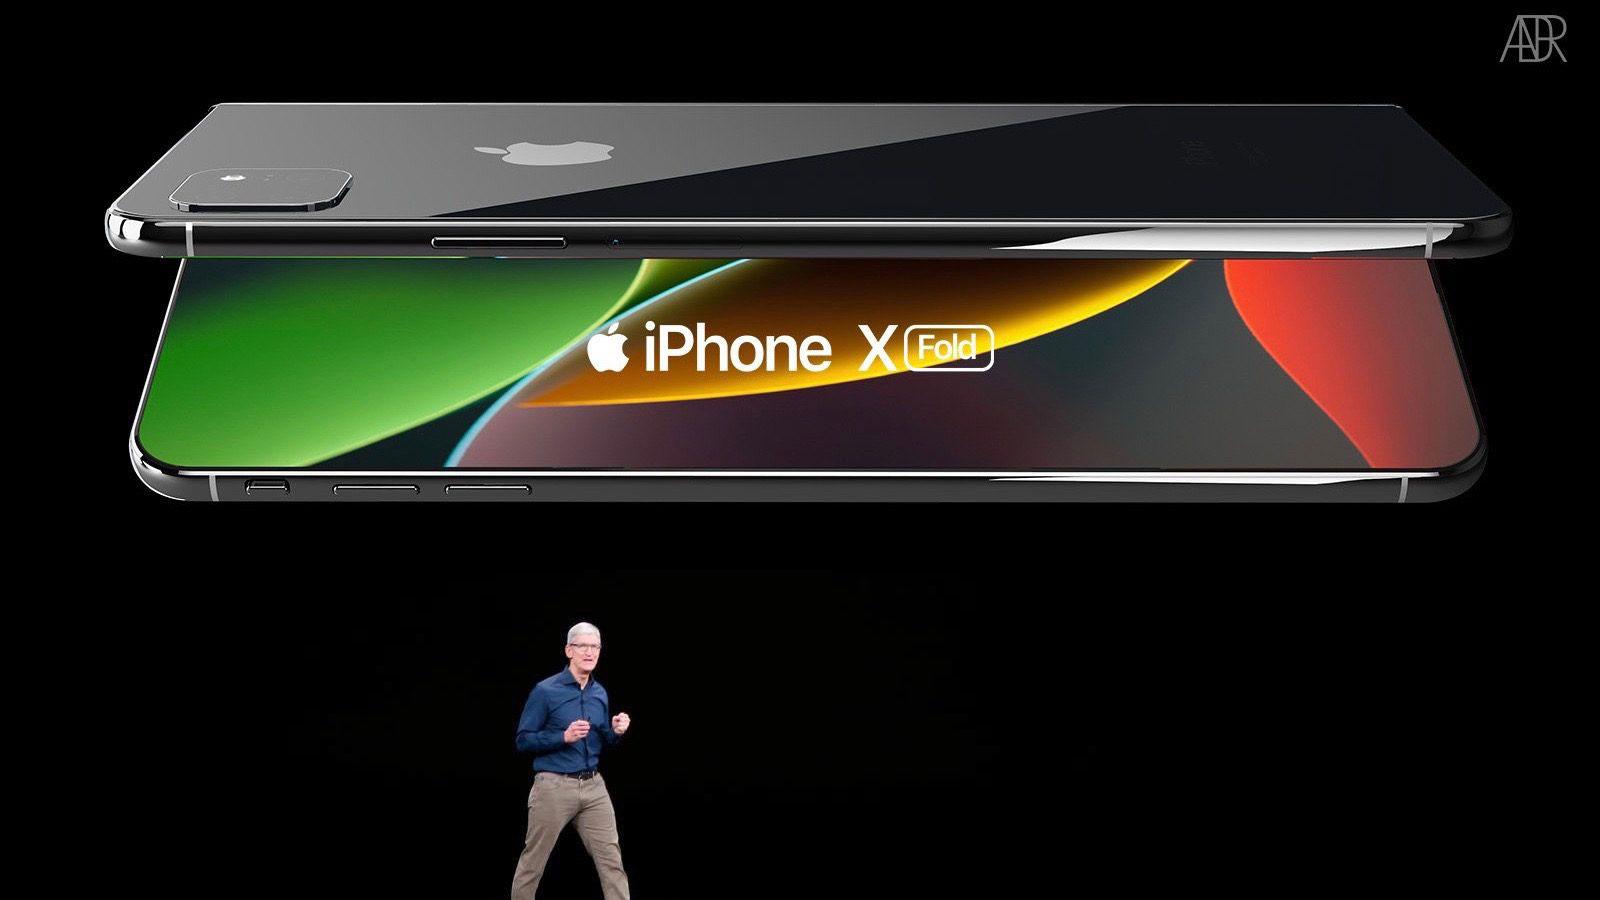 دستگاه های تاشو اپل در راهند، ابتدا آیپد و سپس آیفون